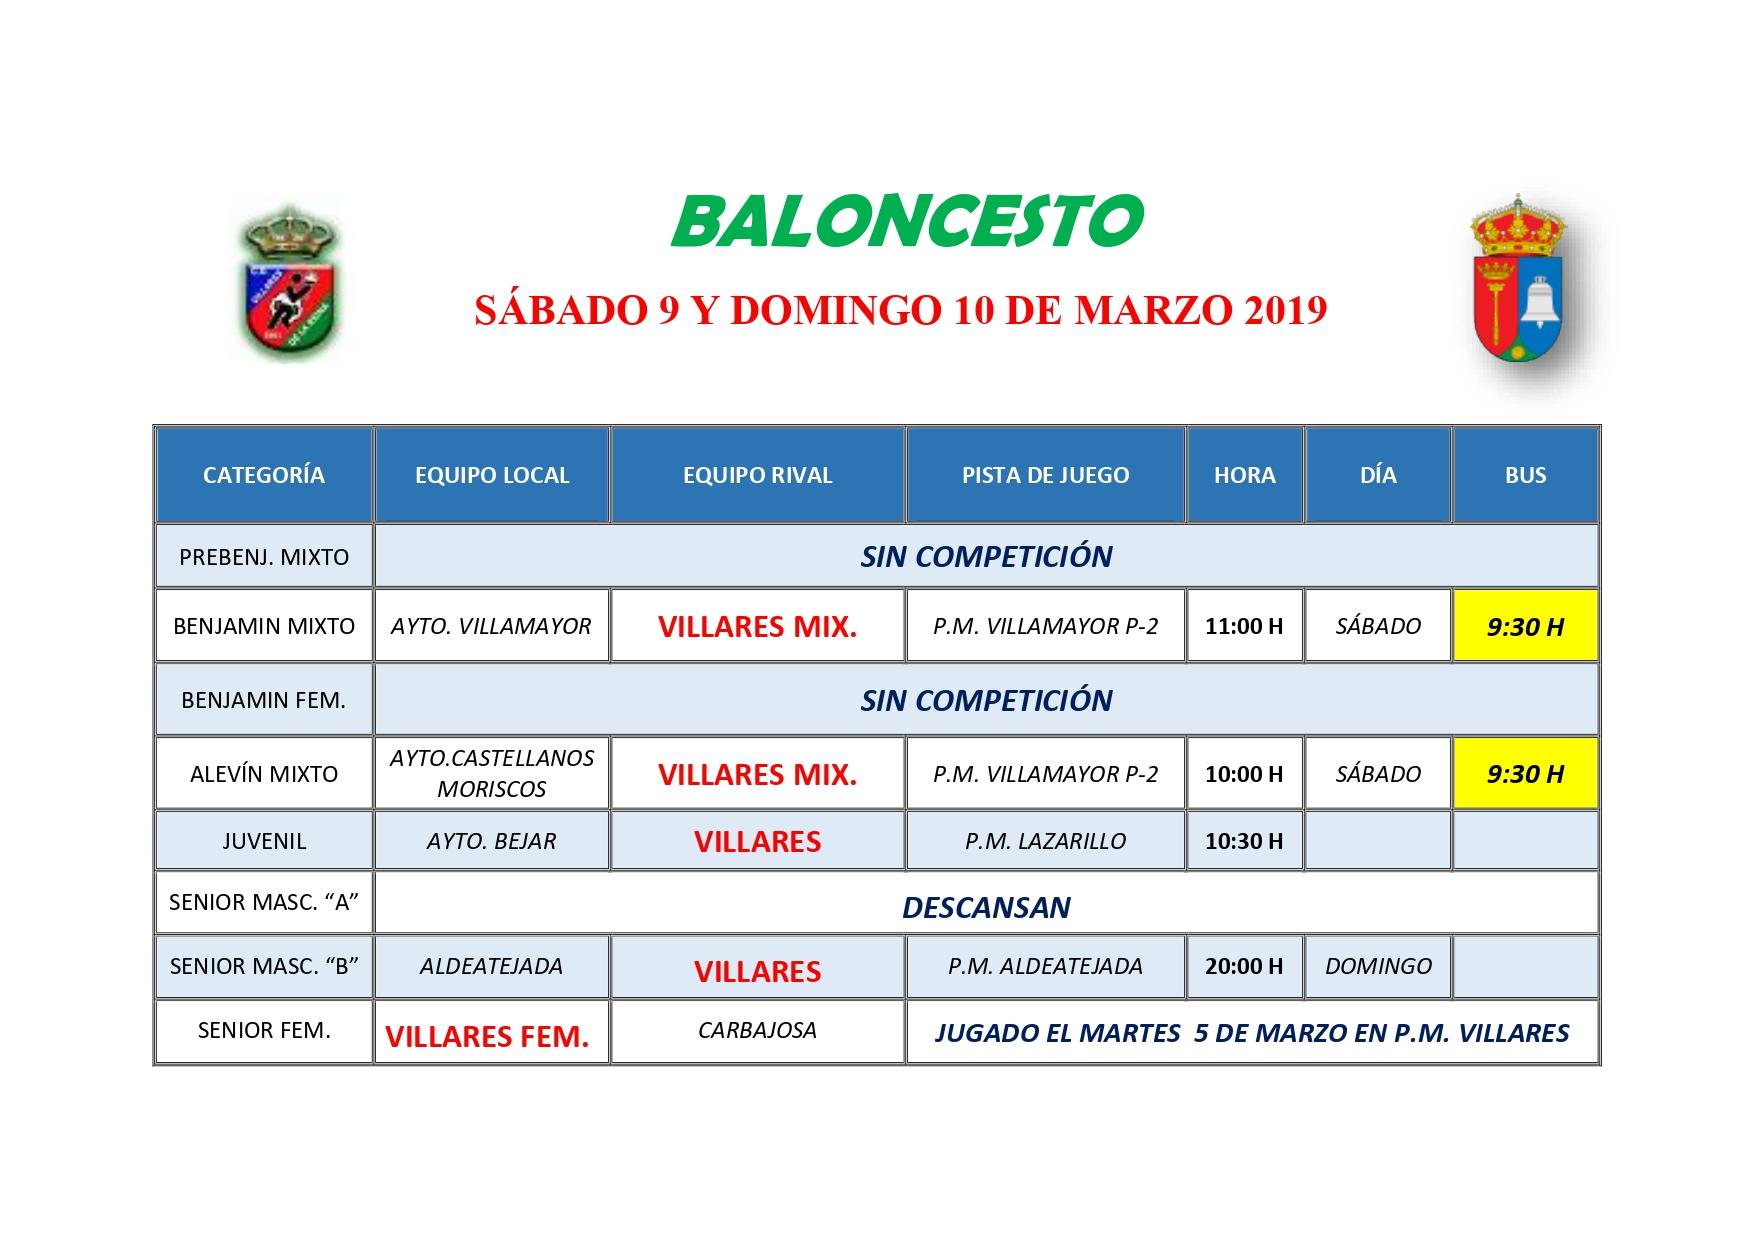 HORARIO DE BALONCESTO S�BADO 9 Y DOMINGO 1O DE MARZO